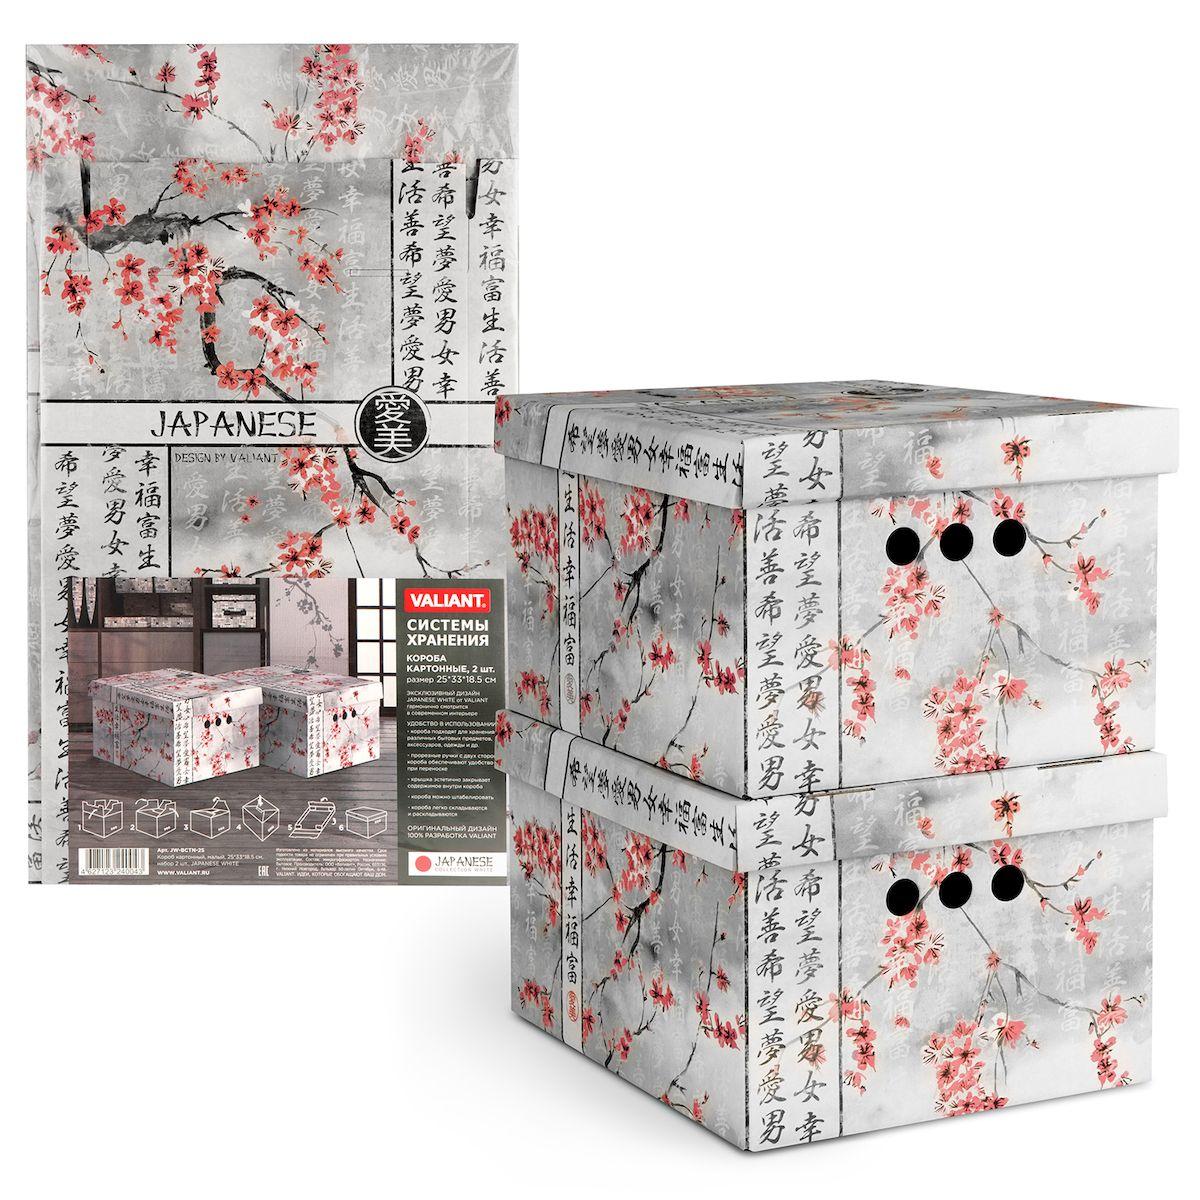 Короб для хранения Valiant Japanese White, 25х33х18,5 см, складной, 2 штJW-BCTN-2SКороб картонный Valiant Japanese White легкий и прочный. Короб являются самосборным (на упаковке имеется удобная инструкция по сборке). Благодаря прорезным ручкам с двух сторон коробку удобно поднимать и переносить.